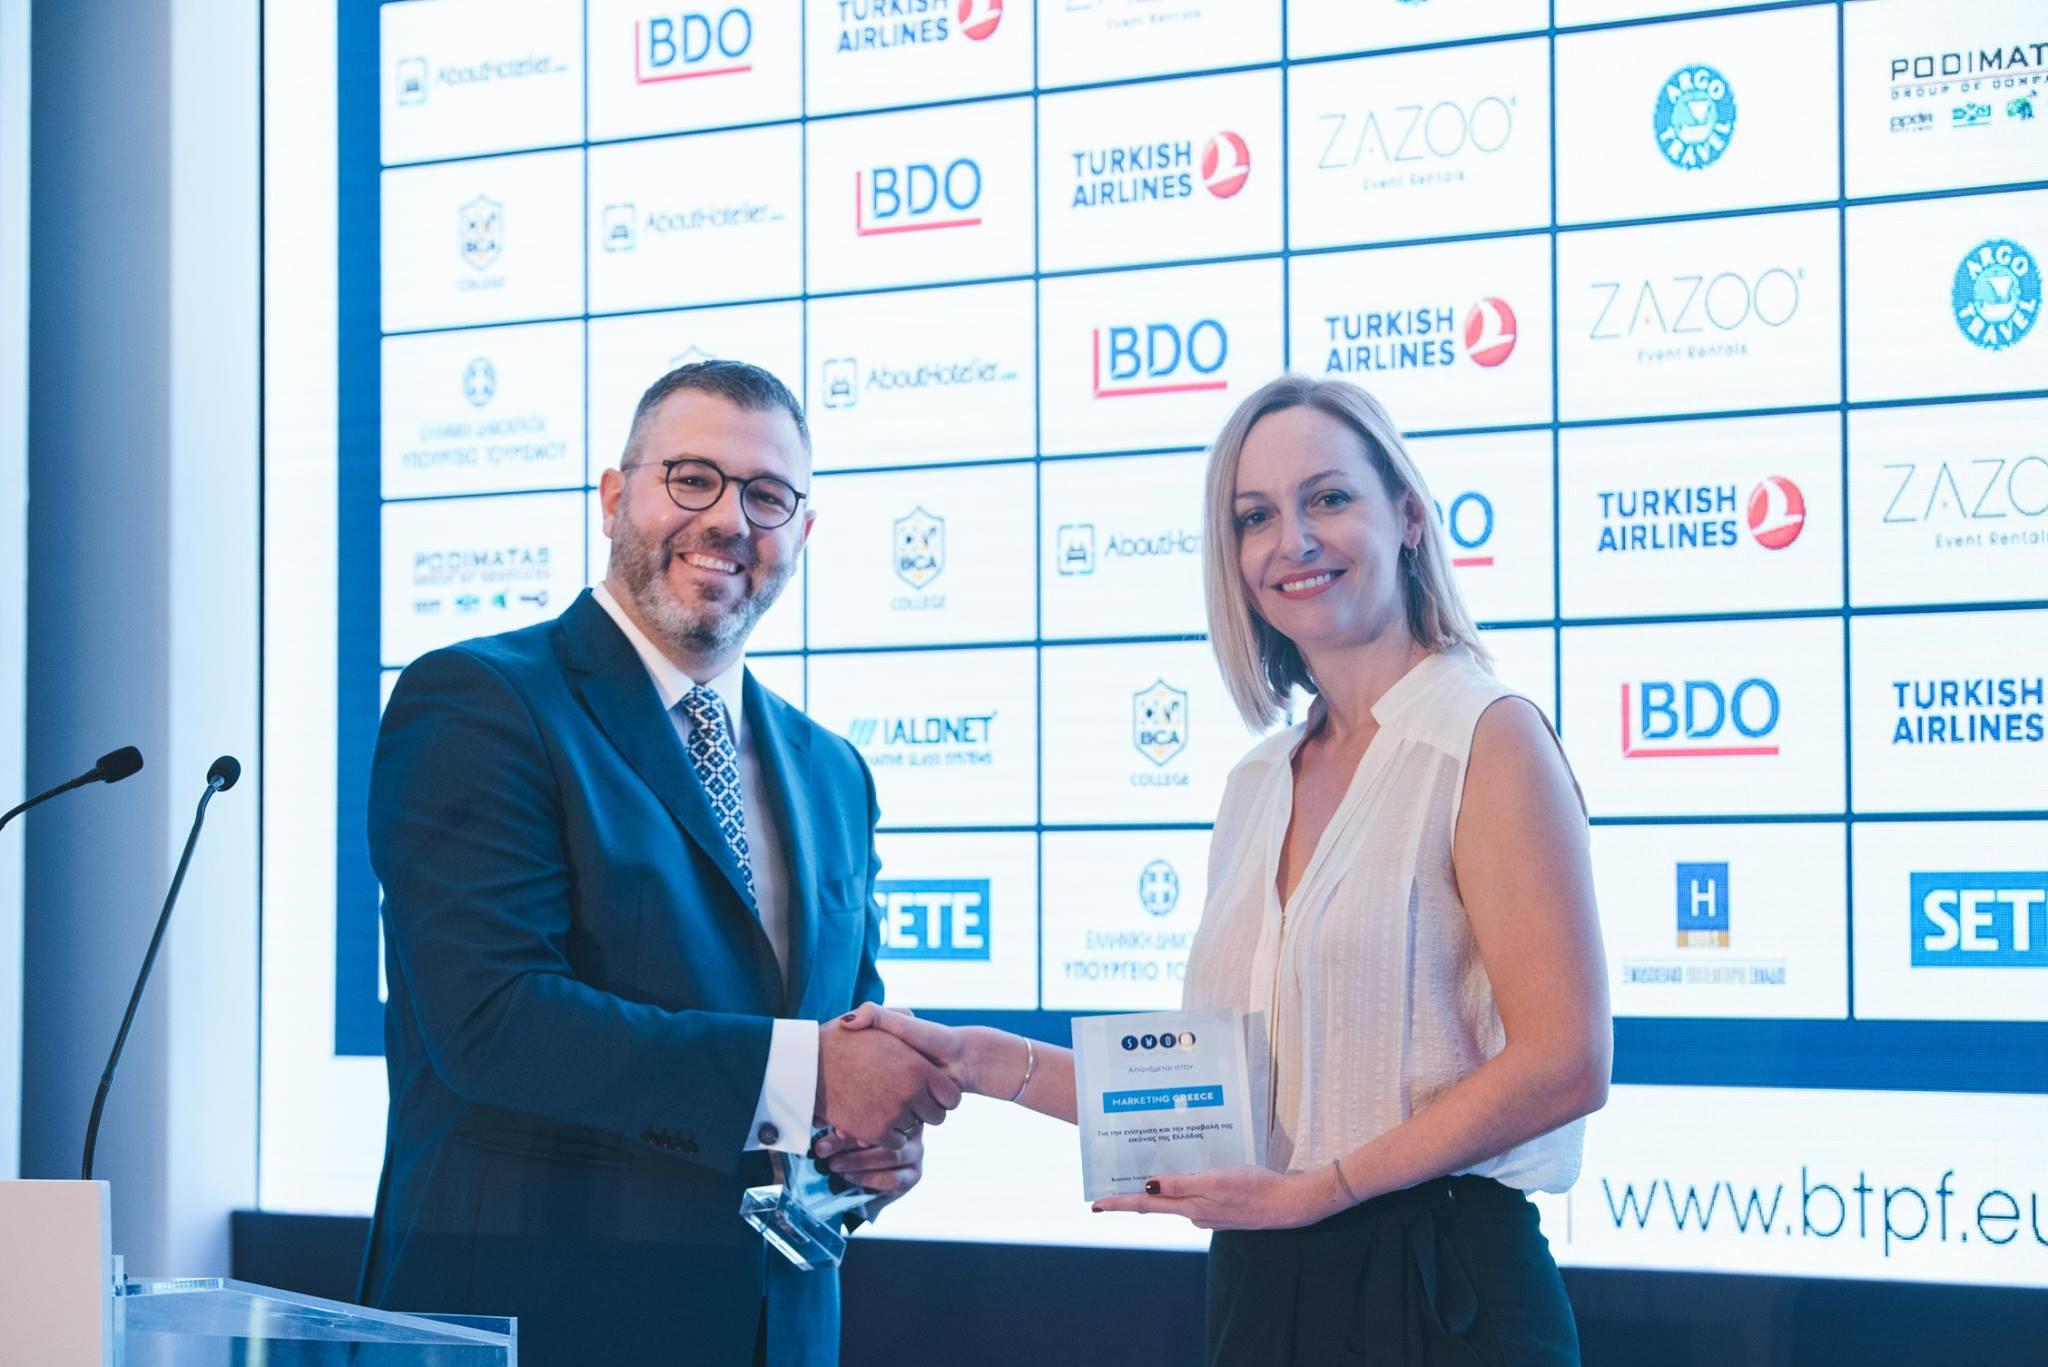 Η Διευθύνουσα Σύμβουλος της Marketing Greece, κ. Ιωάννα Δρέττα, παραλαμβάνει το βραβείο από τον κ. Γ. Κωνσταντινίδη για την Ενίσχυση και την Προβολή της Εικόνας της Ελλάδας.